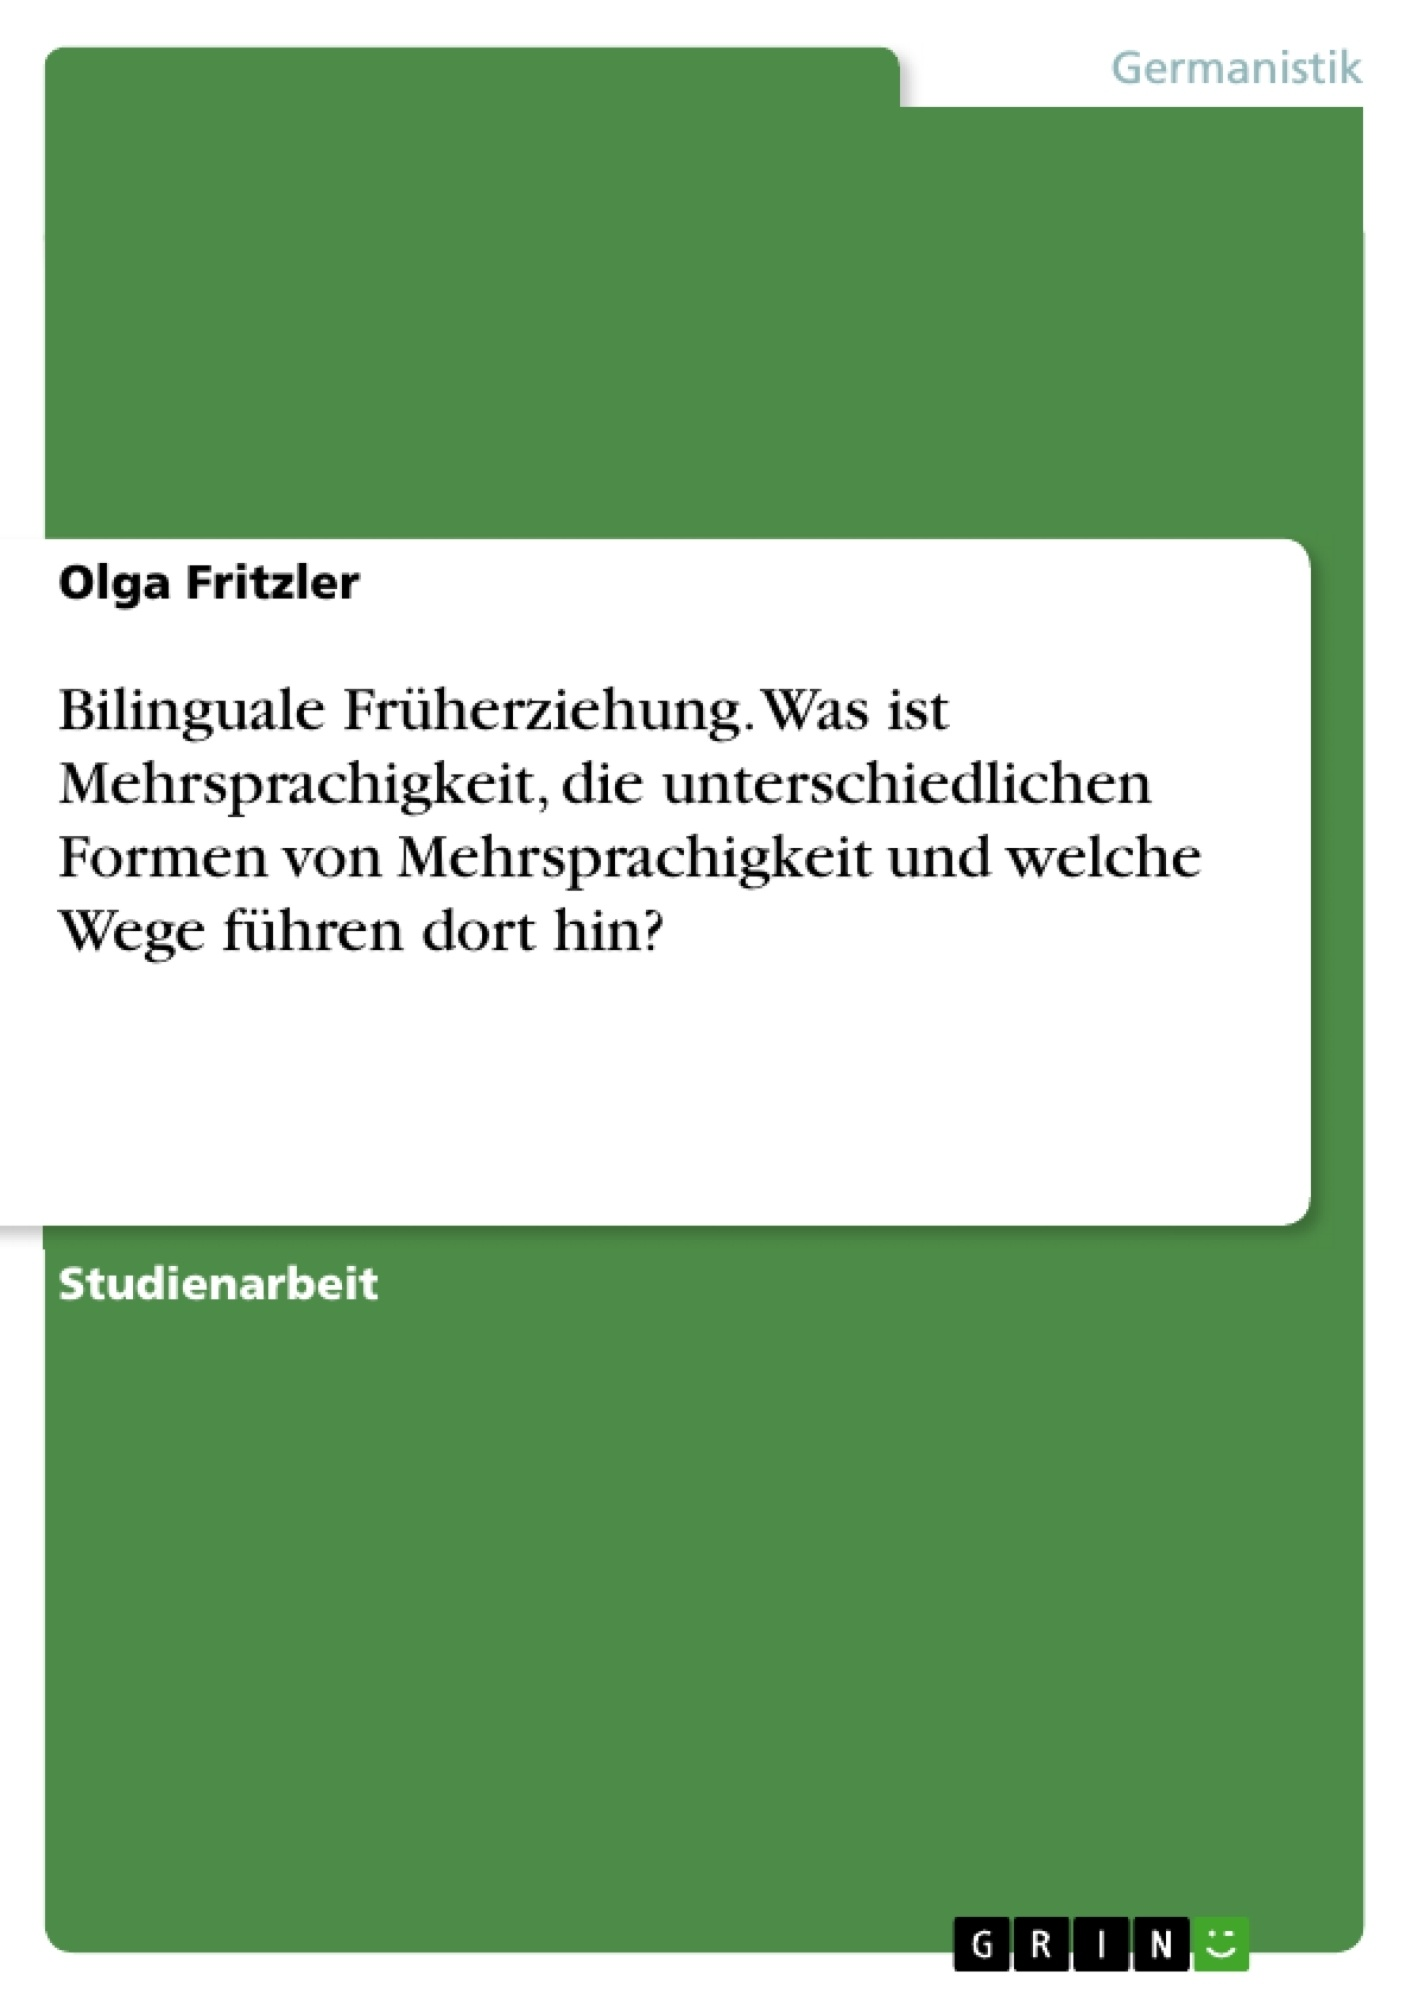 Titel: Bilinguale Früherziehung. Was ist Mehrsprachigkeit, die unterschiedlichen Formen von Mehrsprachigkeit und welche Wege führen dort hin?